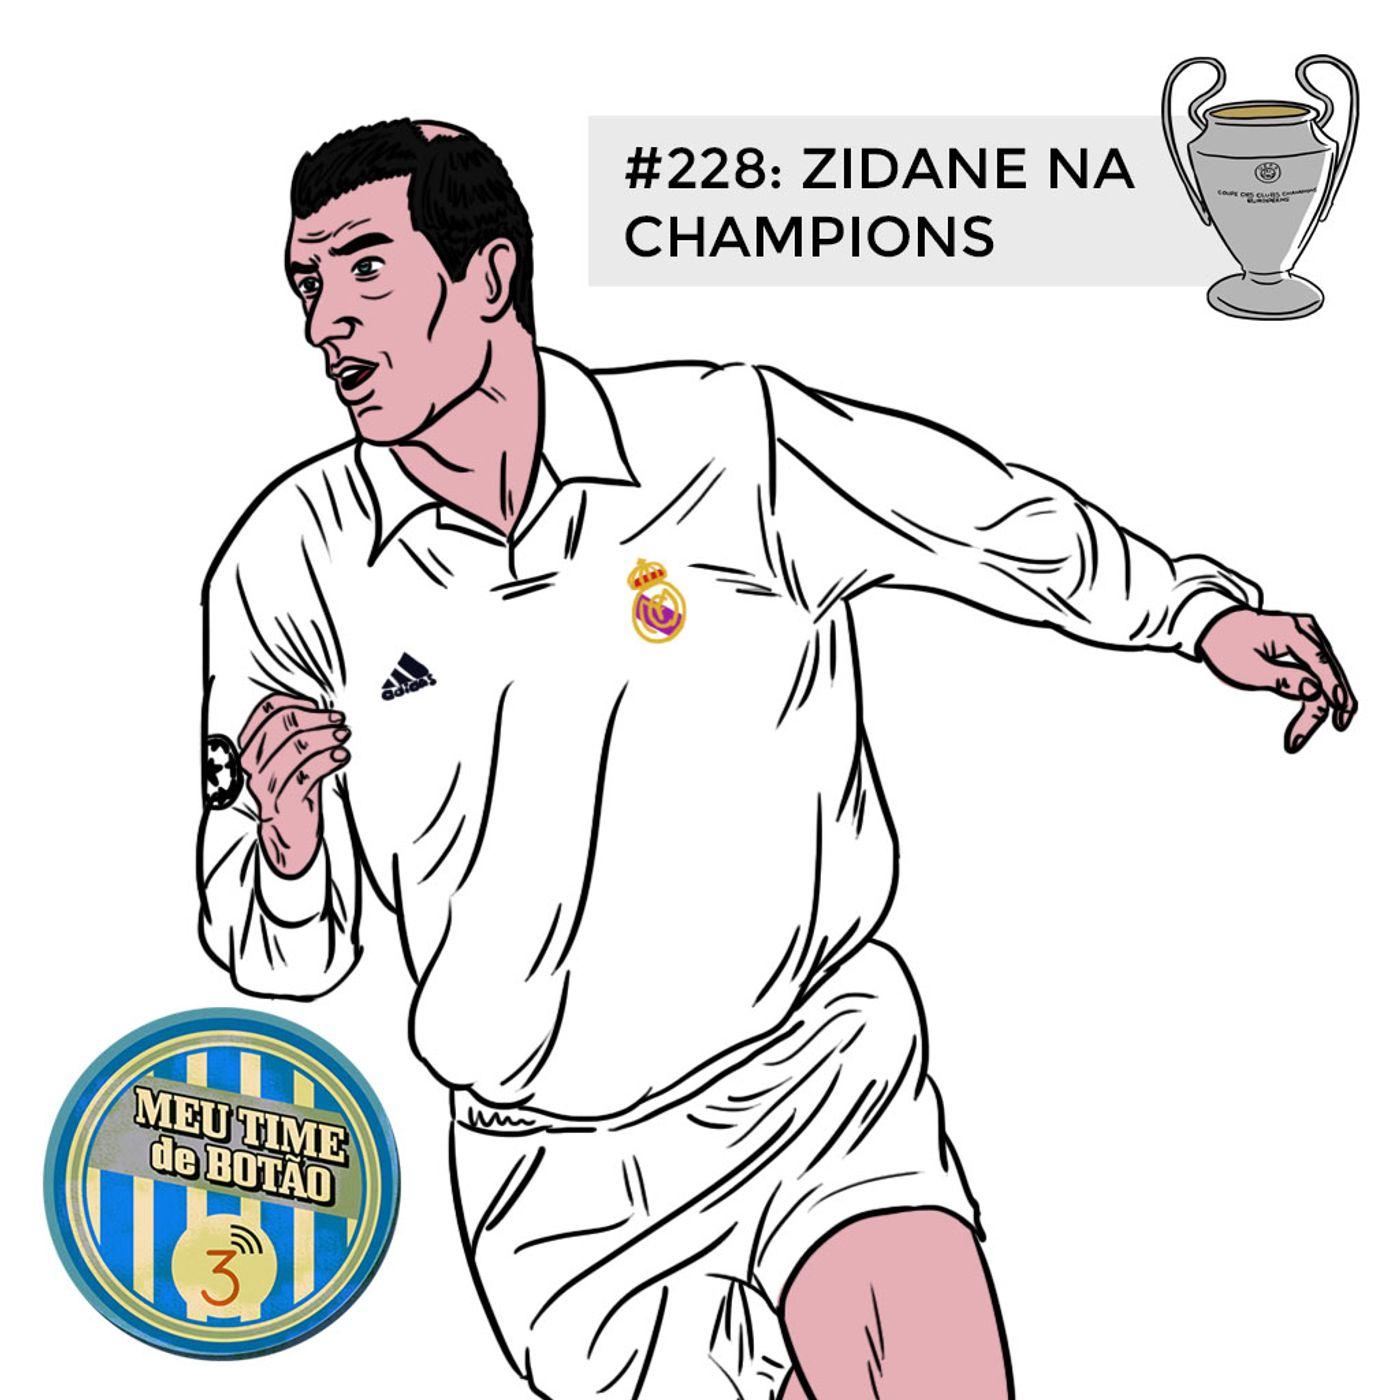 Botão #228 As noites europeias de Zidane